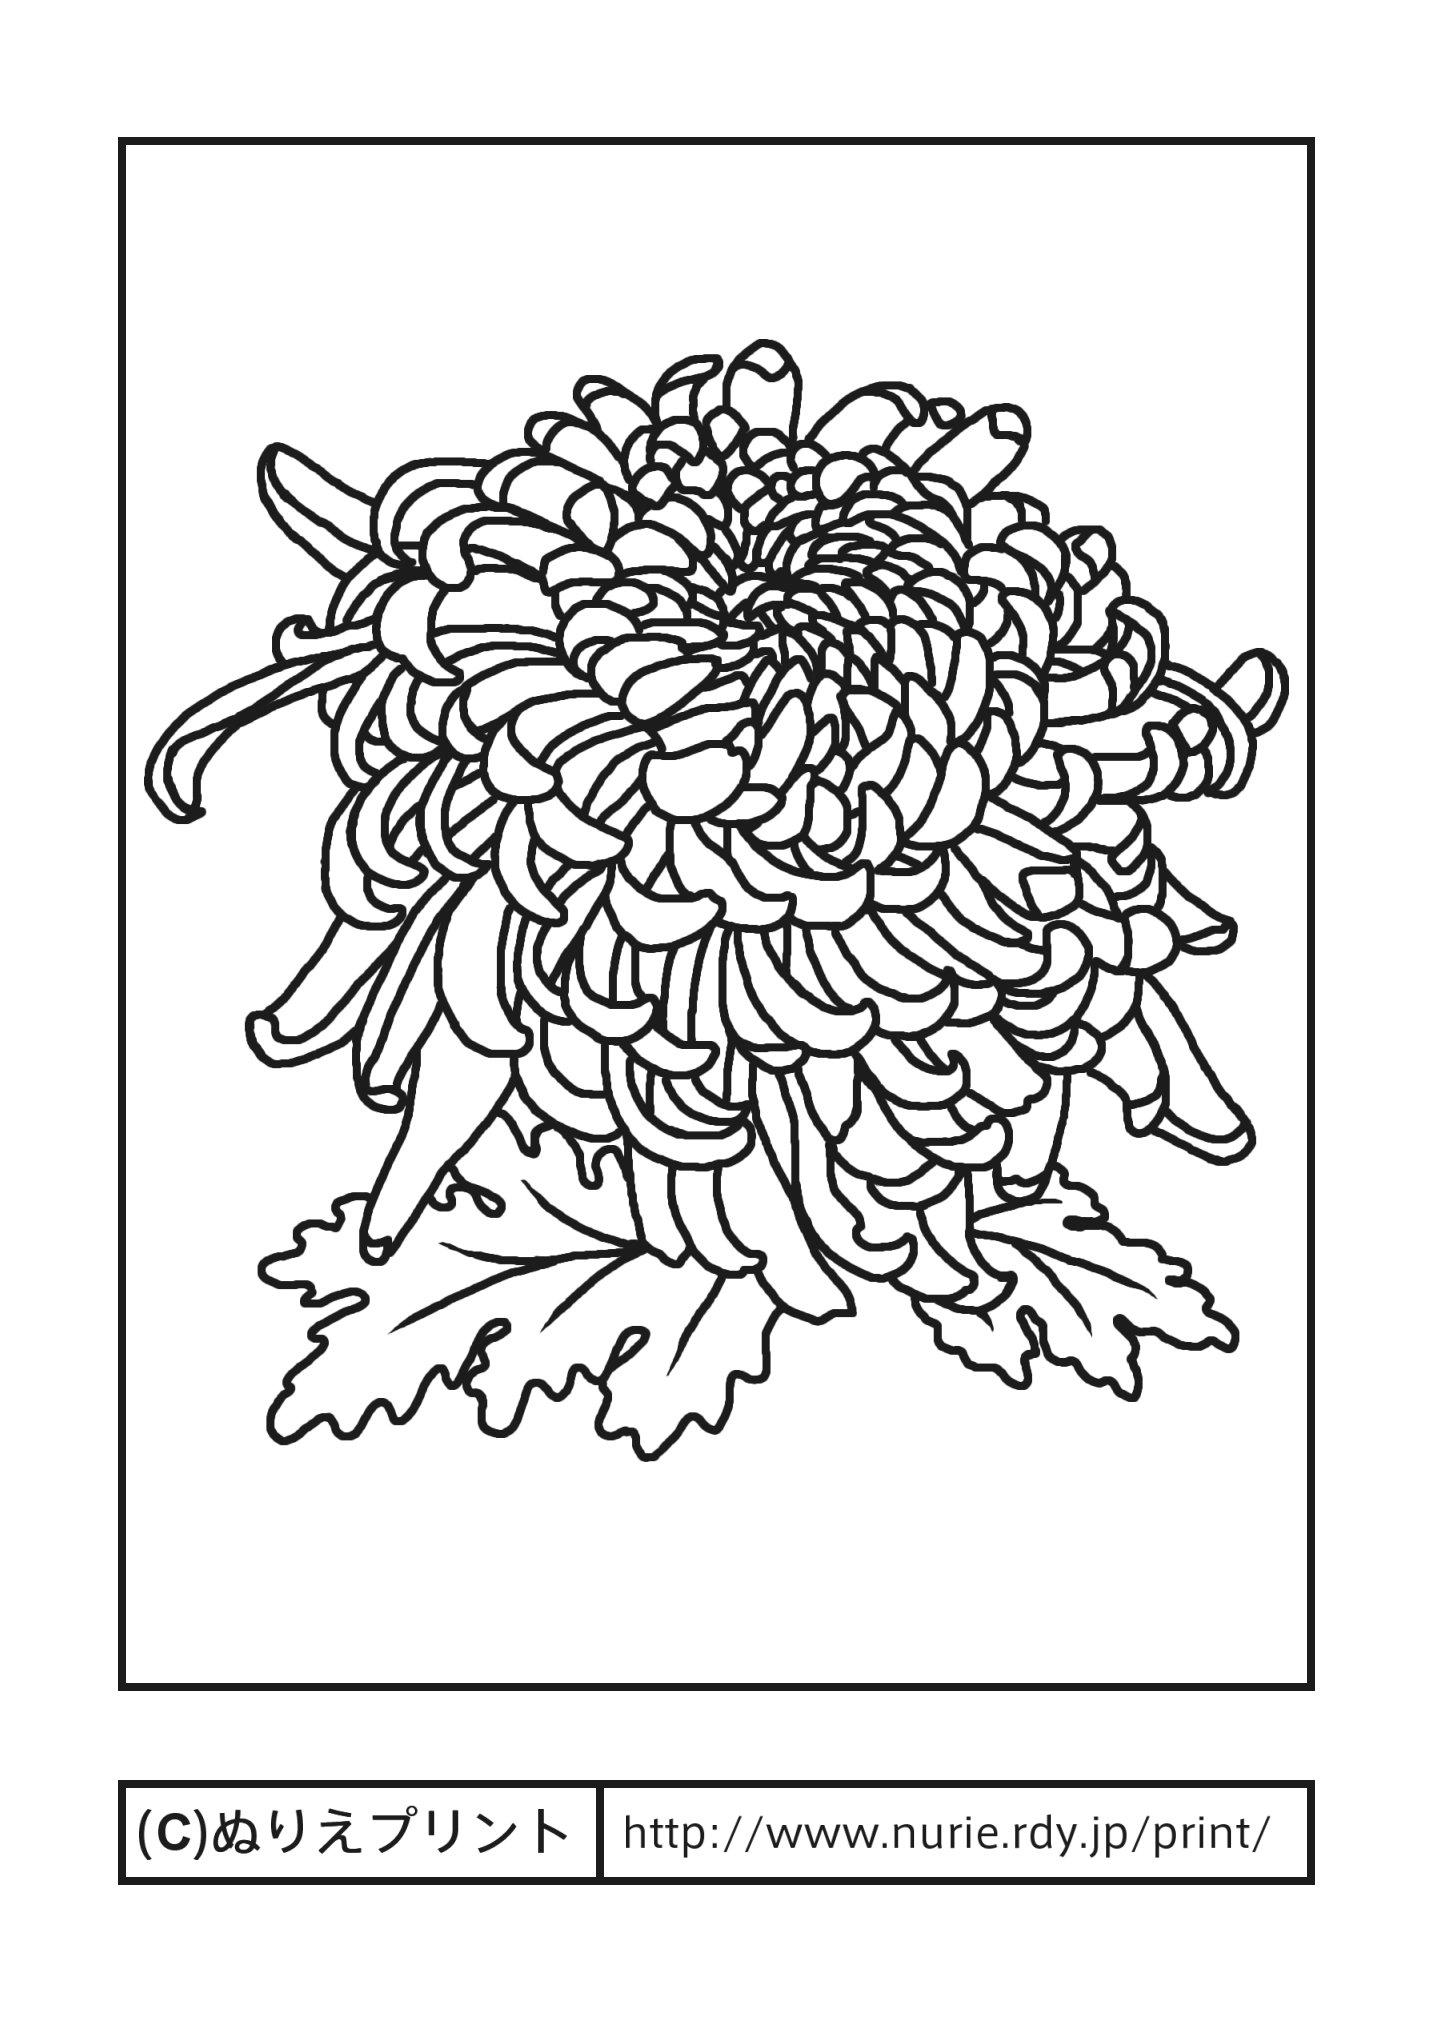 Hana Print : 塗り絵印刷 : 印刷